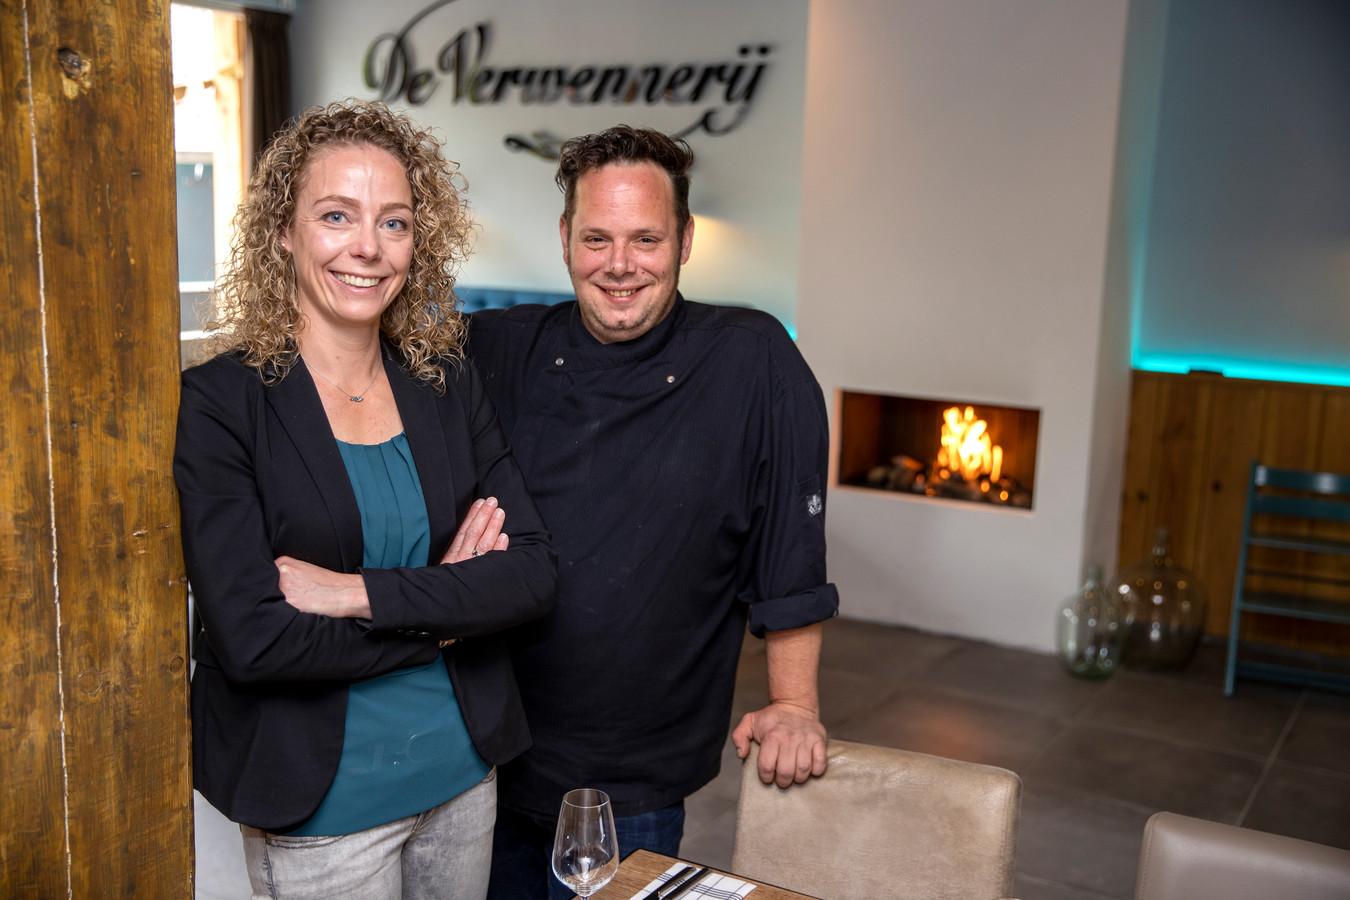 Jan en Marieke van Gestel in hun restaurant De Verwennerij, onderdeel van Hoeve 1827.